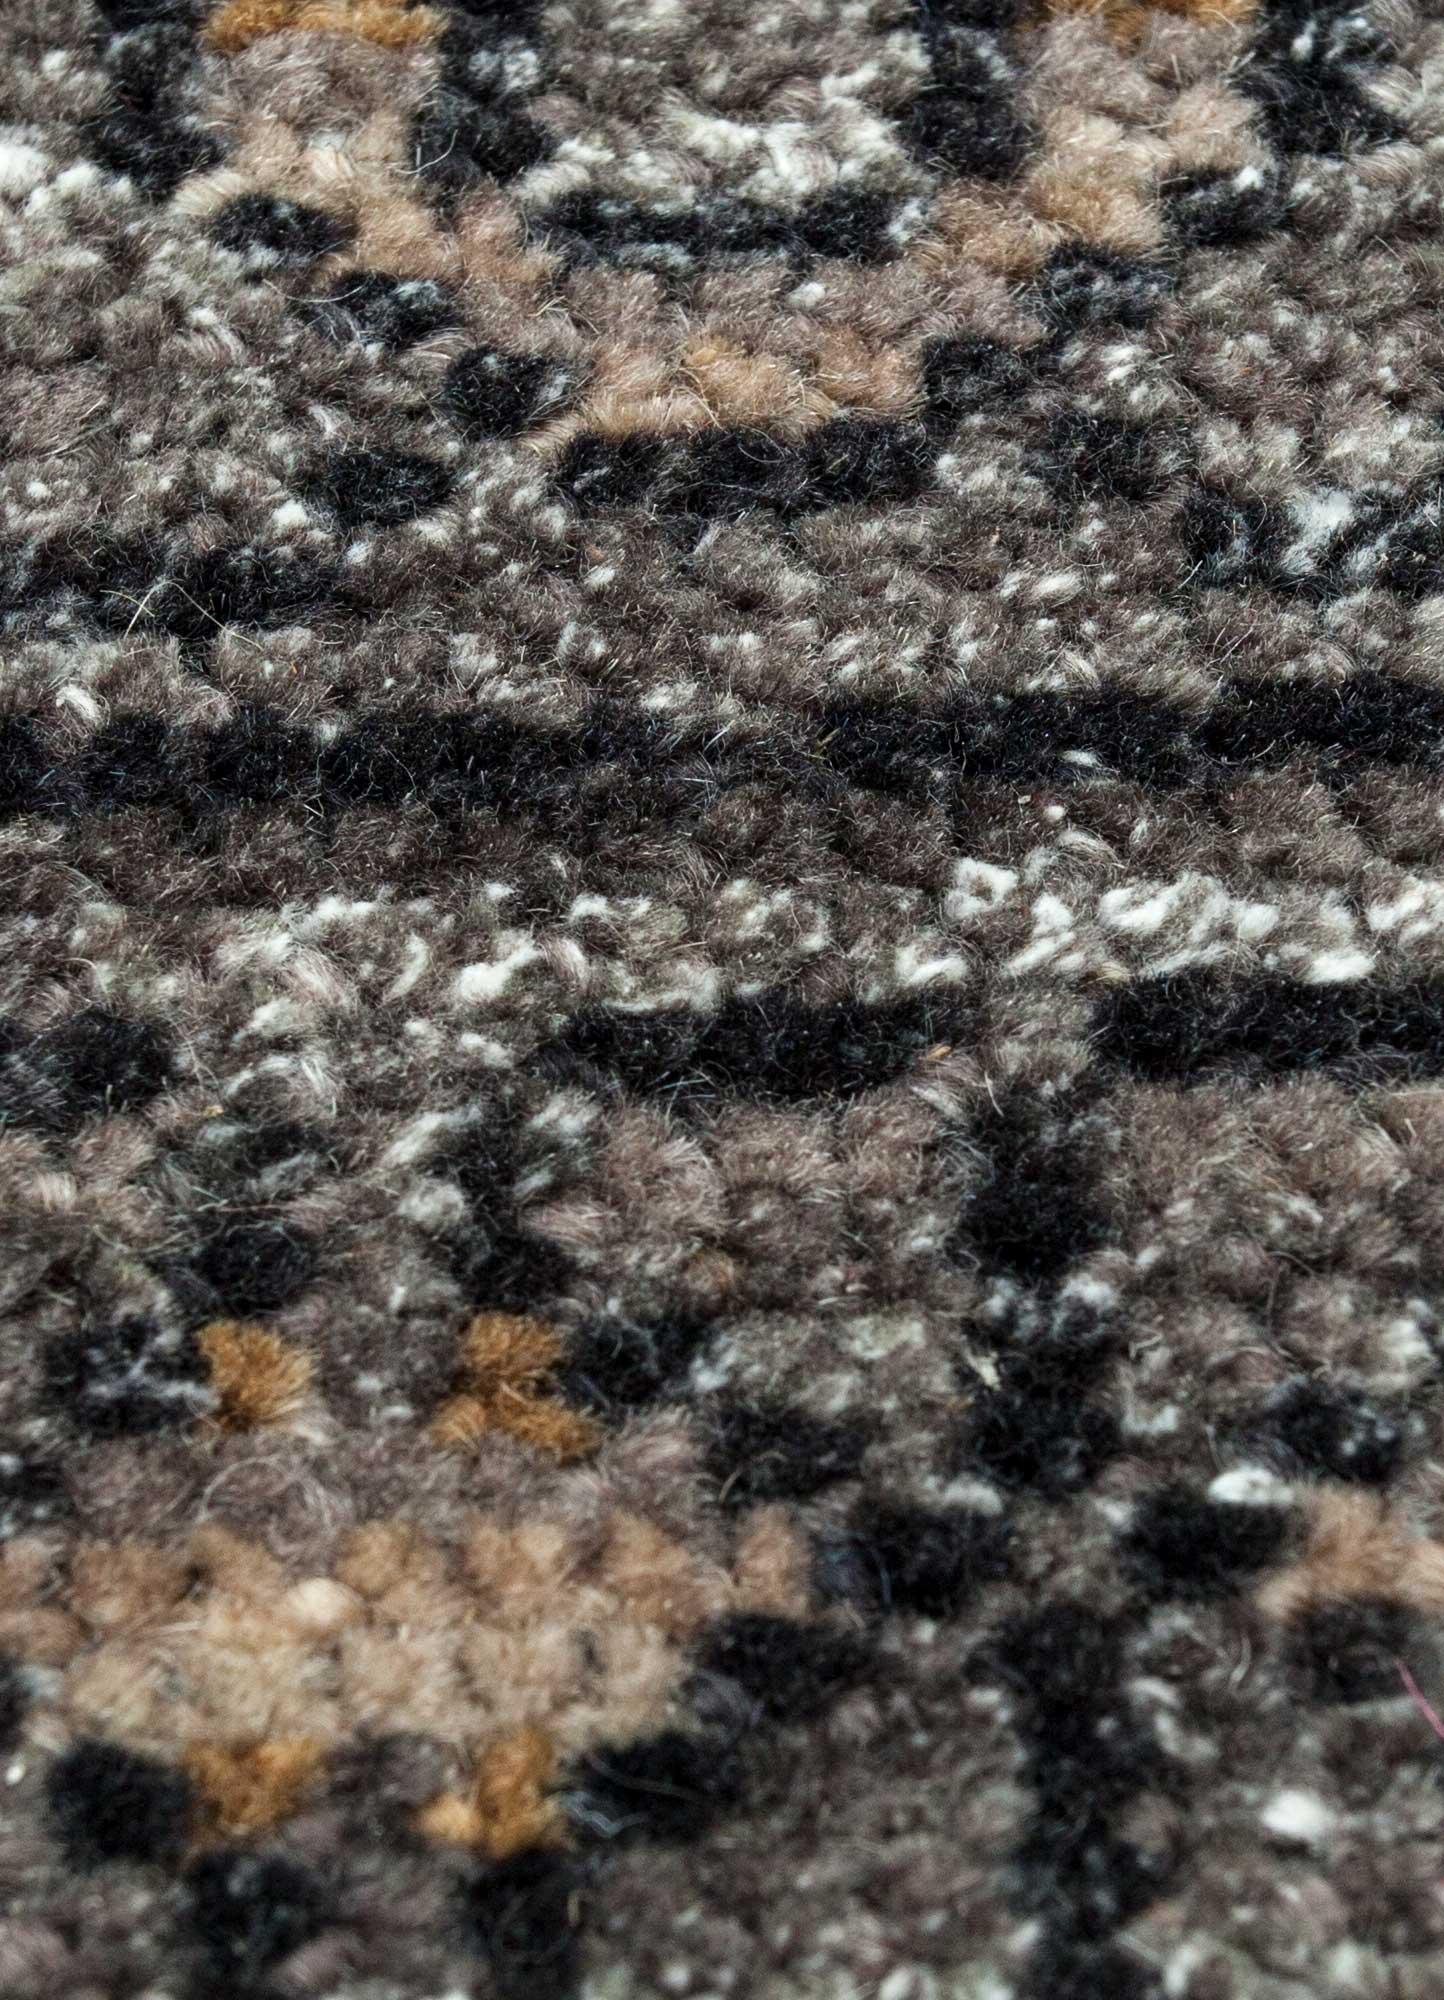 viscaya grey and black wool and viscose hand knotted Rug - CloseUp